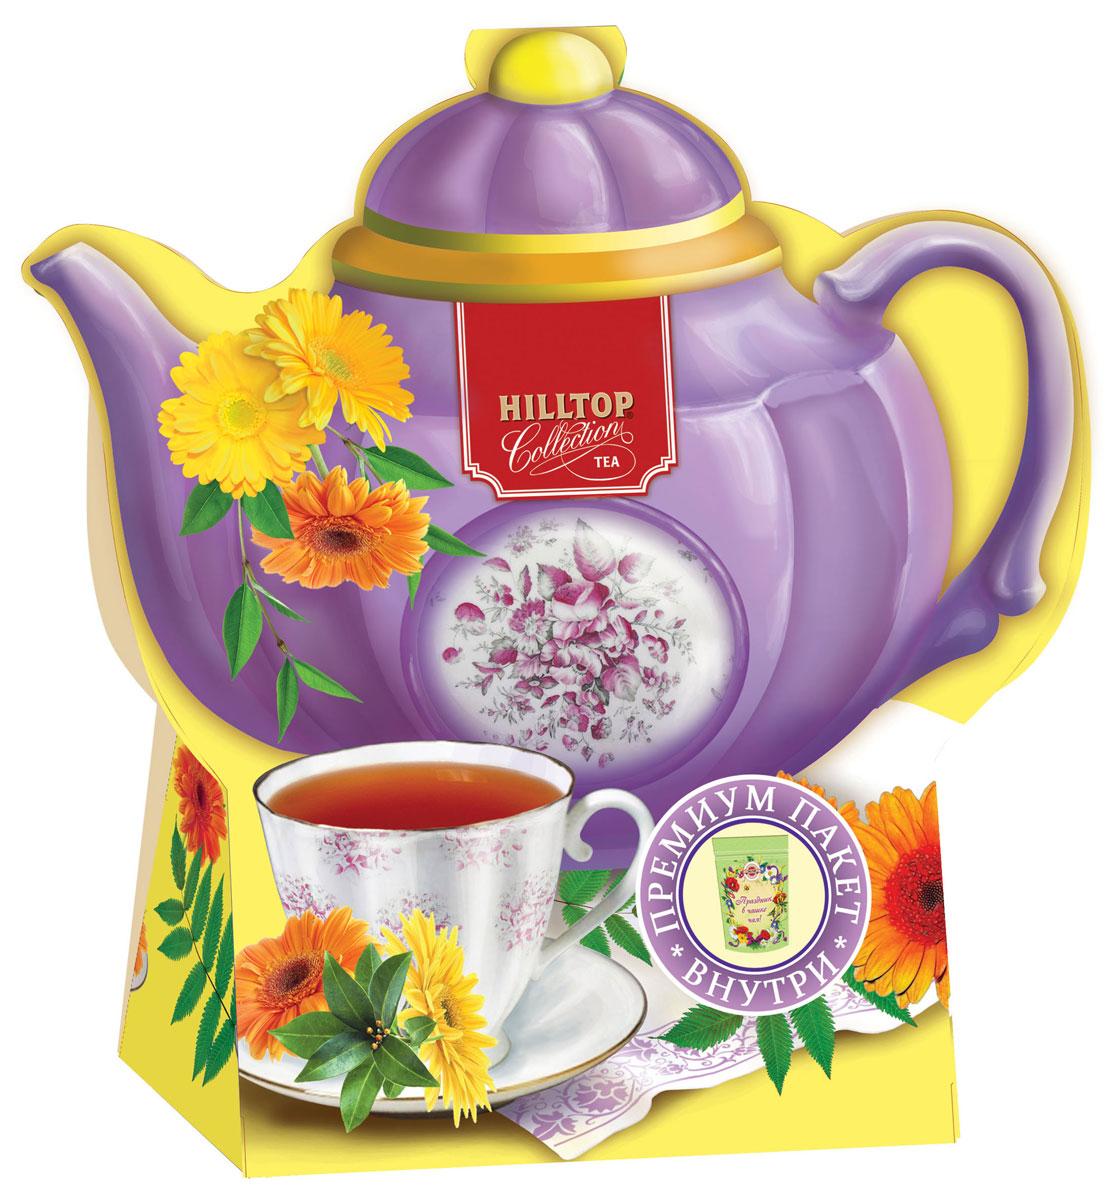 Hilltop Подарок Цейлона черный листовой чай, 80 г (чайник фиолетовый)TALTHL-L00148Крупнолистовой цейлонский черный чай Hilltop Подарок Цейлона с глубоким, насыщенным вкусом и изумительным ароматом. Благодаря красивой праздничной упаковке вы можете подарить этот прекрасный чай своим друзьям и близким.